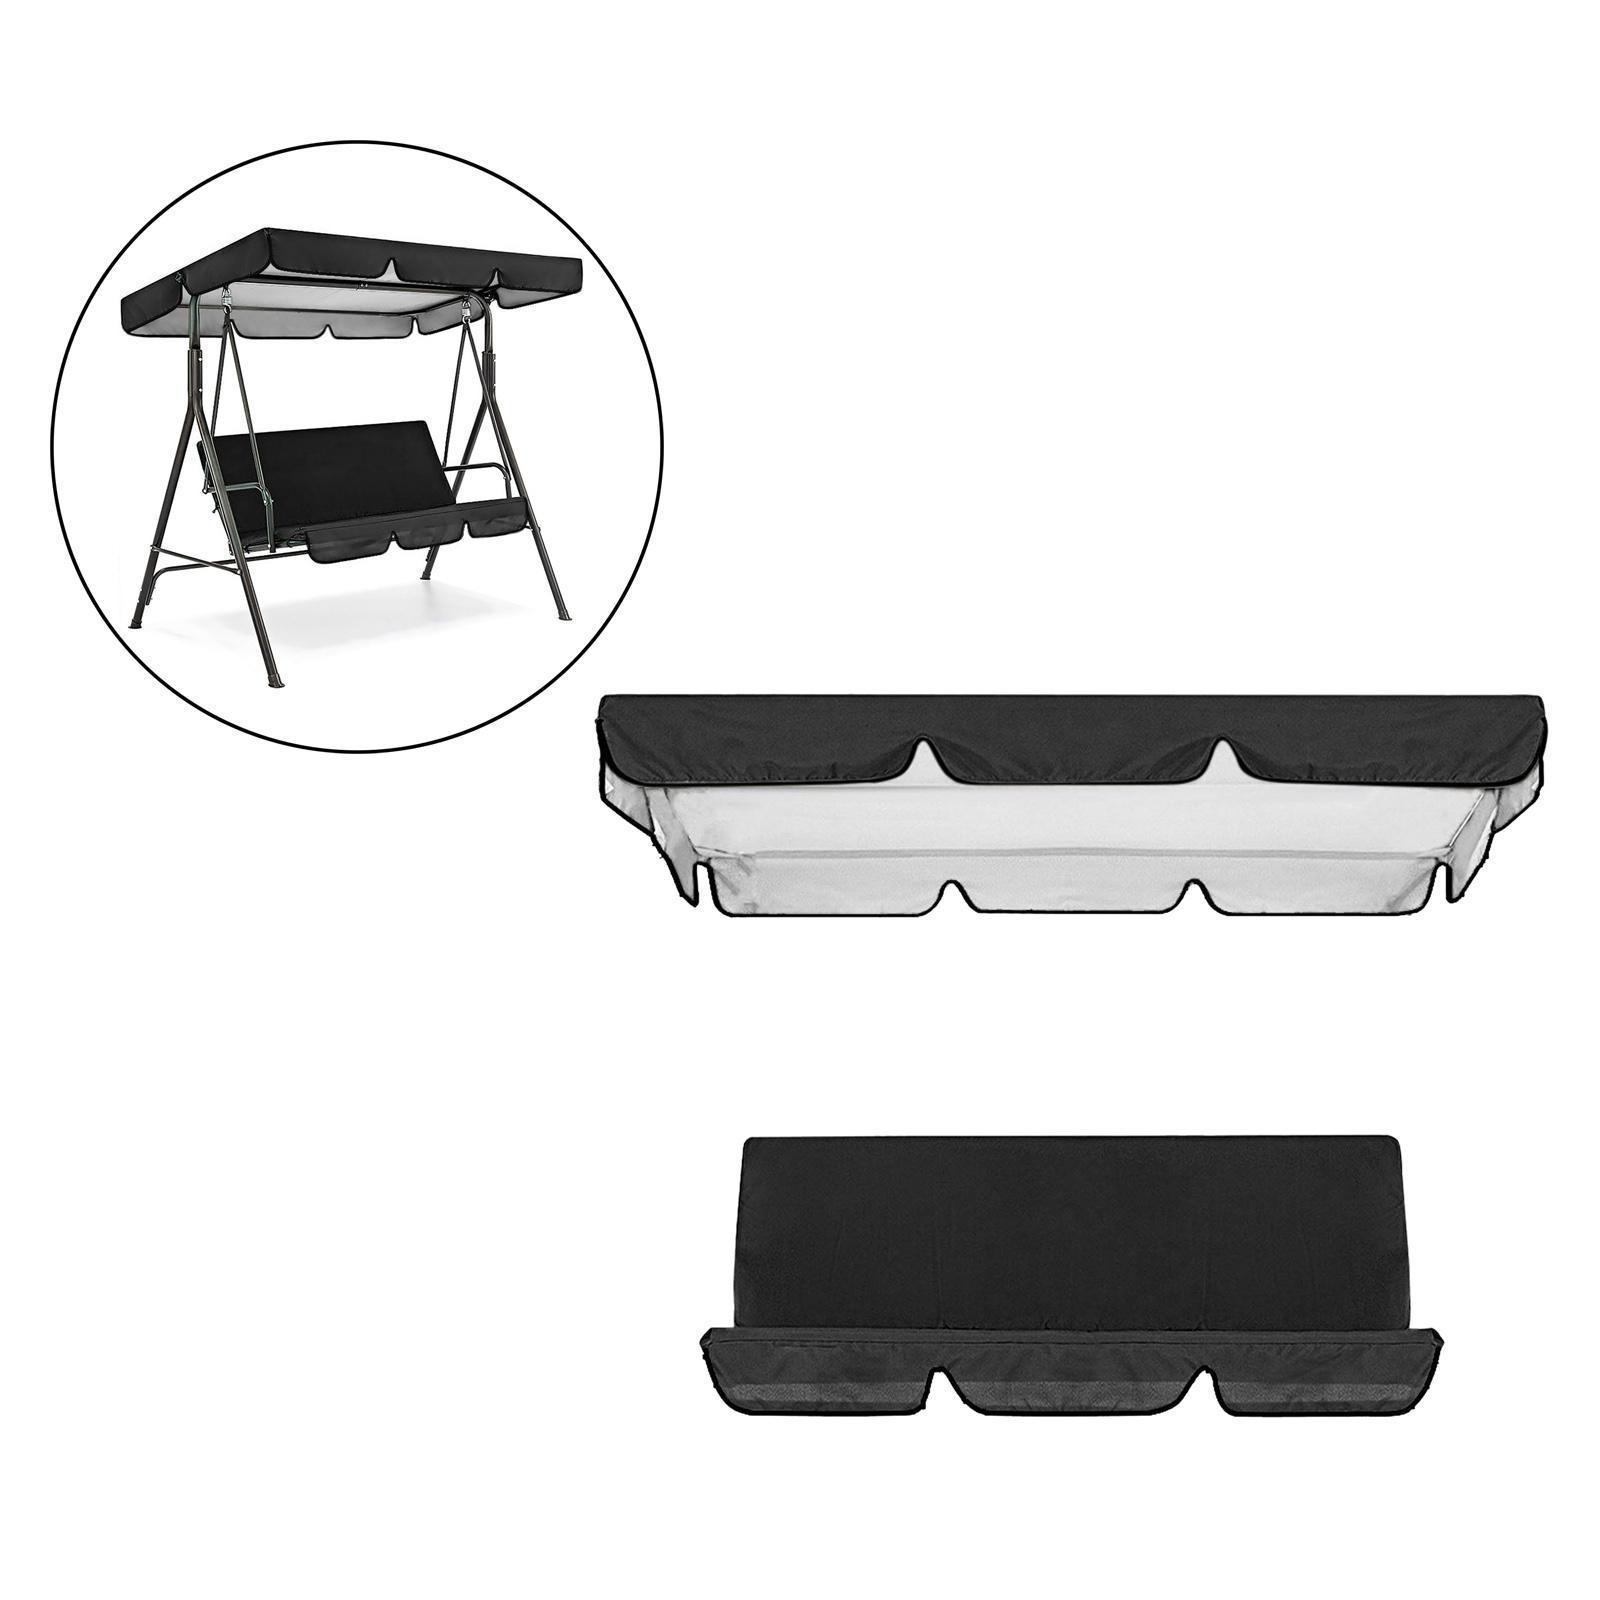 miniatura 54 - Sostituzione della copertura della sedia a dondolo da esterno per patio,